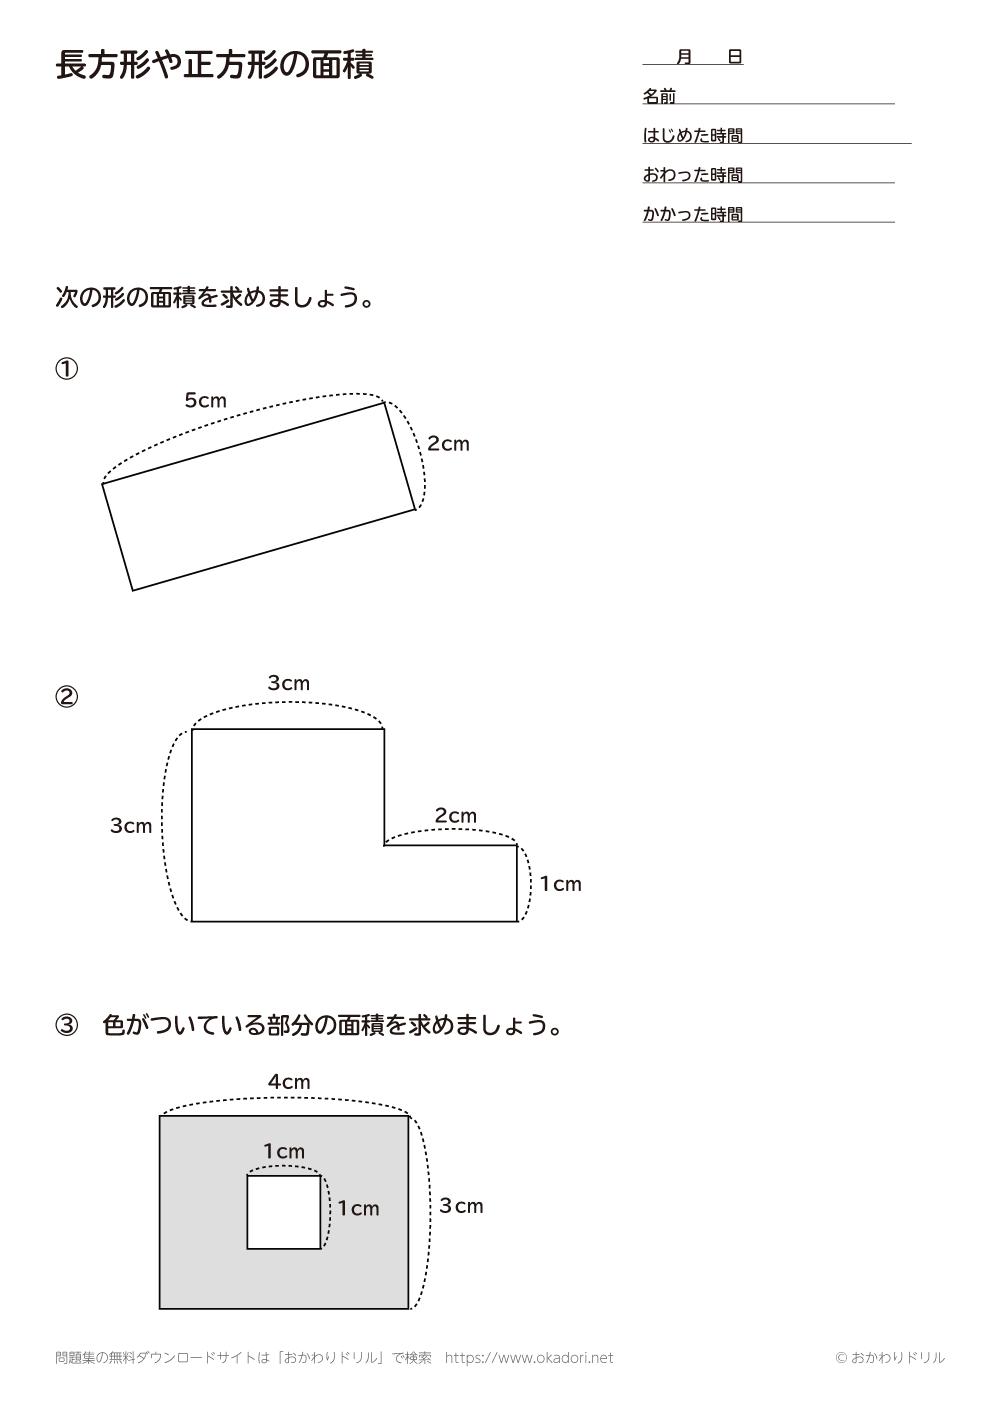 長方形や正方形の面積5